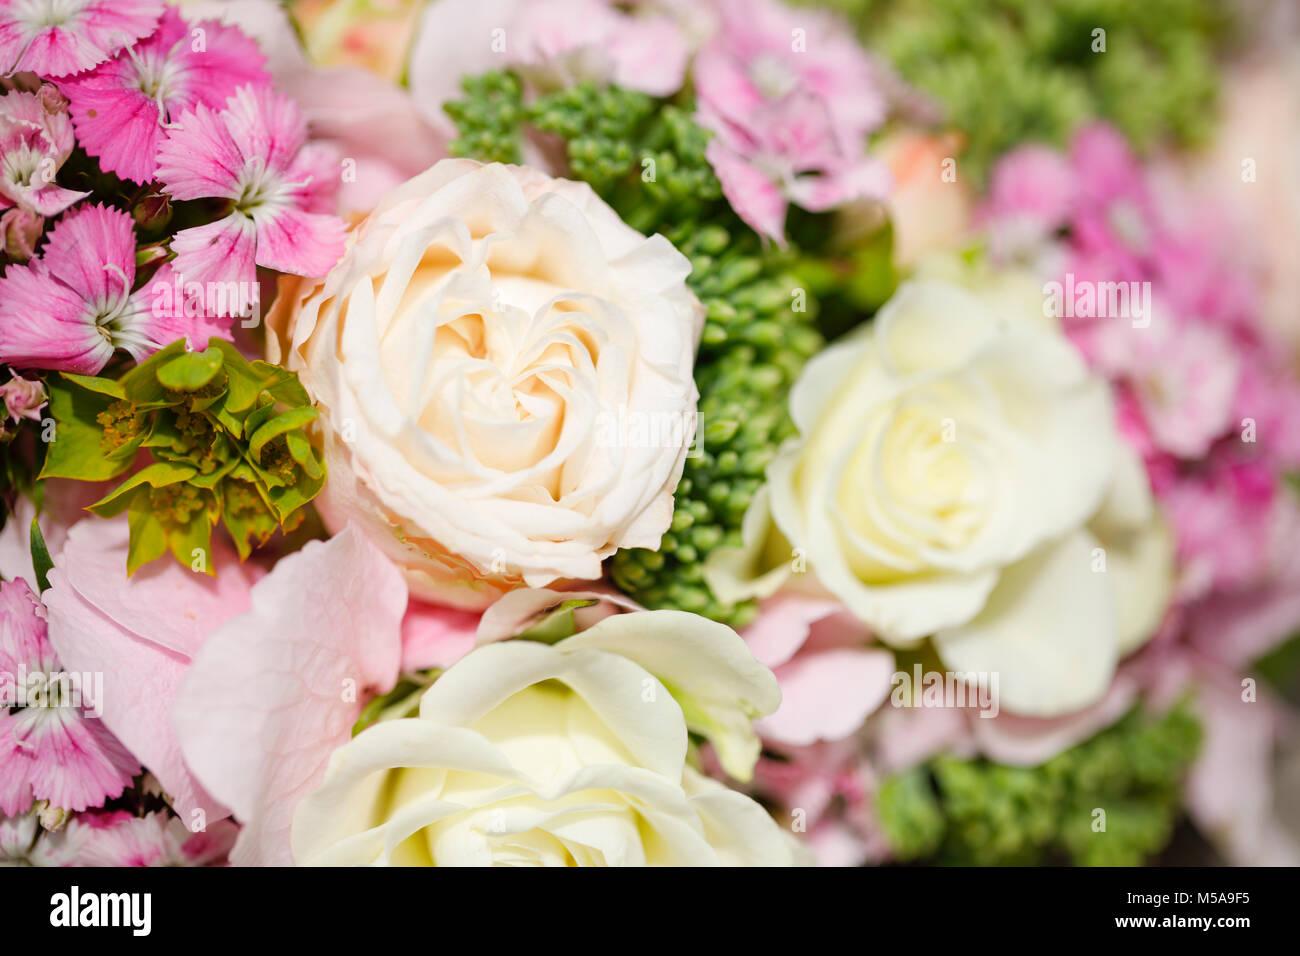 Blumendekoration Blumen Die Straussbar Florale Konzepte